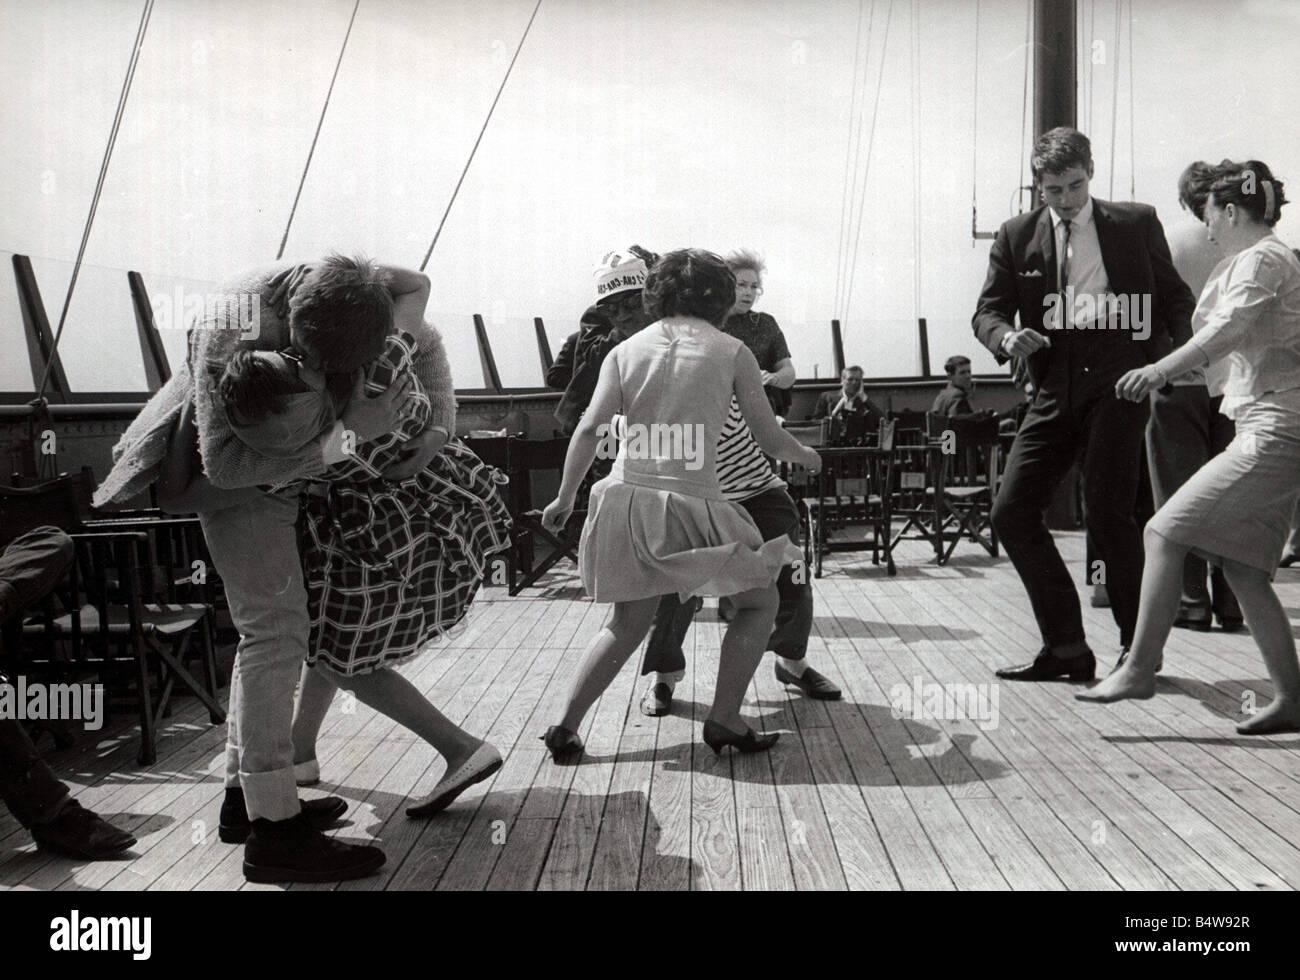 Partito in barca le coppie di danza e jive in vero 60 s style giovane kissing facendo il twist avendo divertimento Immagini Stock